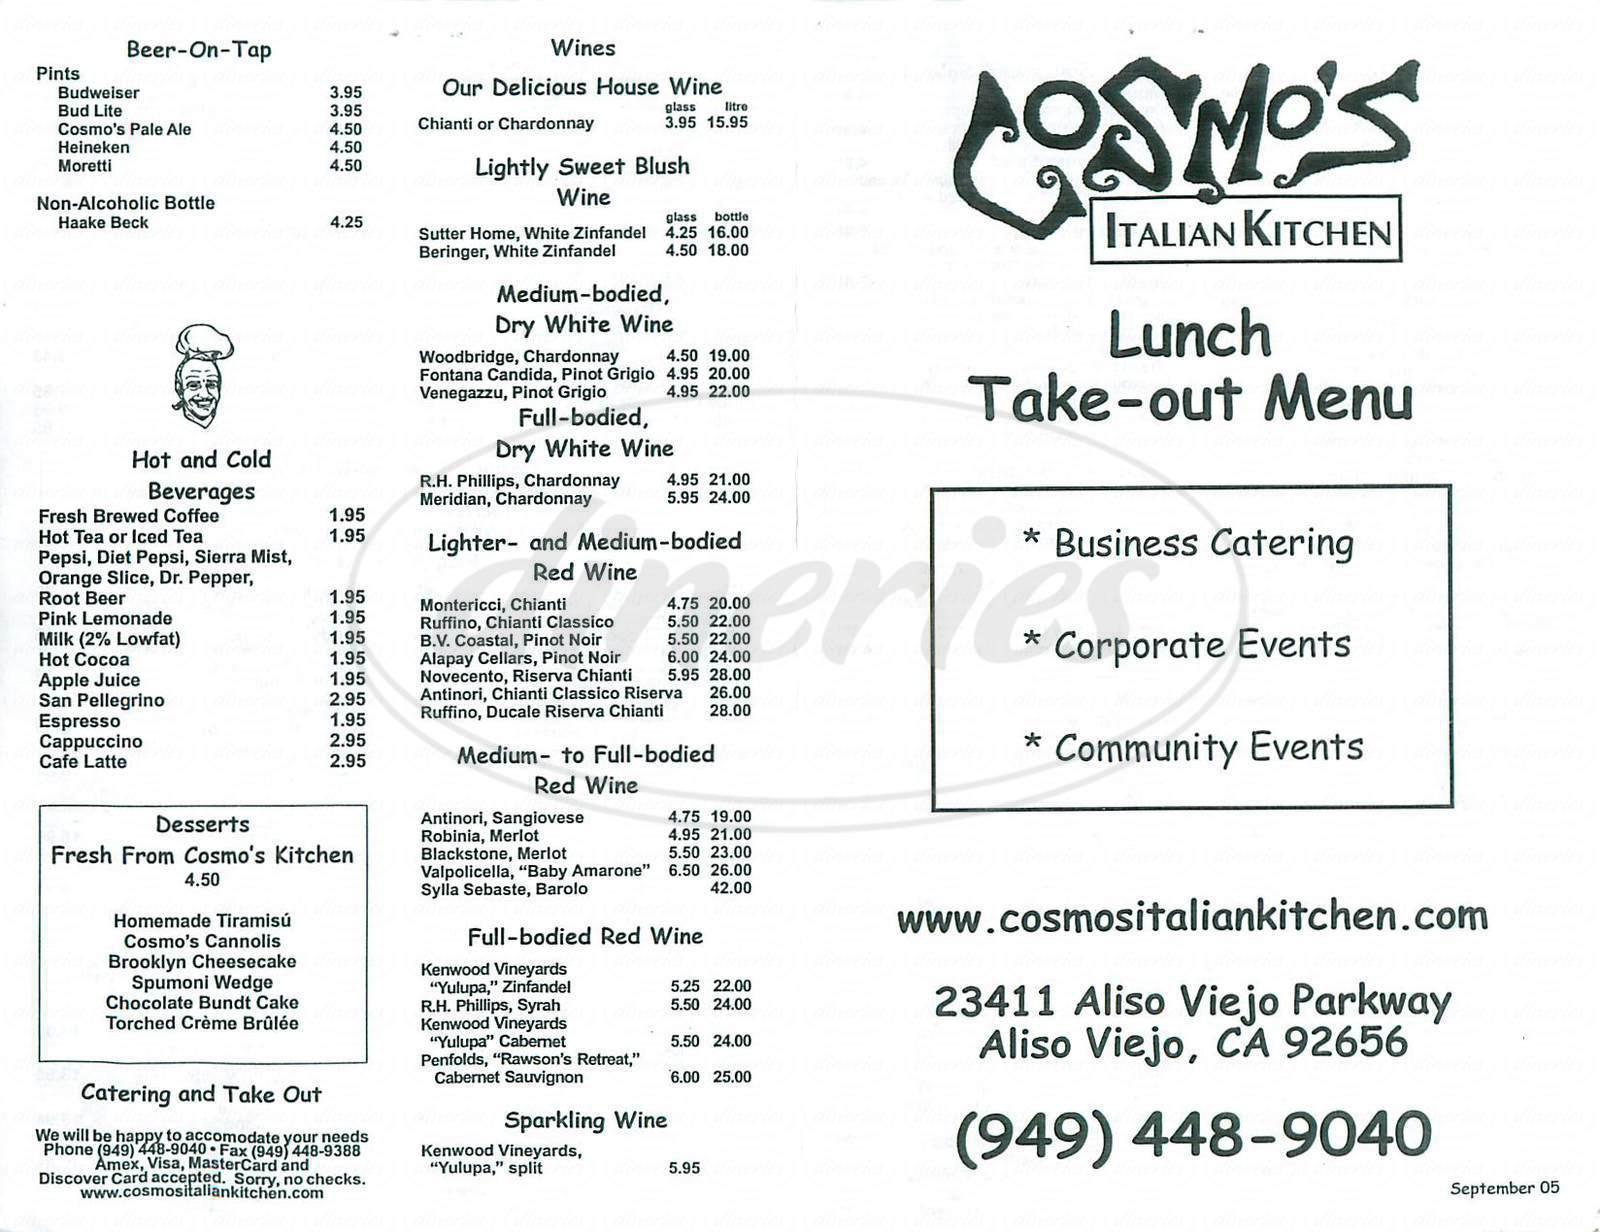 menu for Cosmo's Italian Kitchen